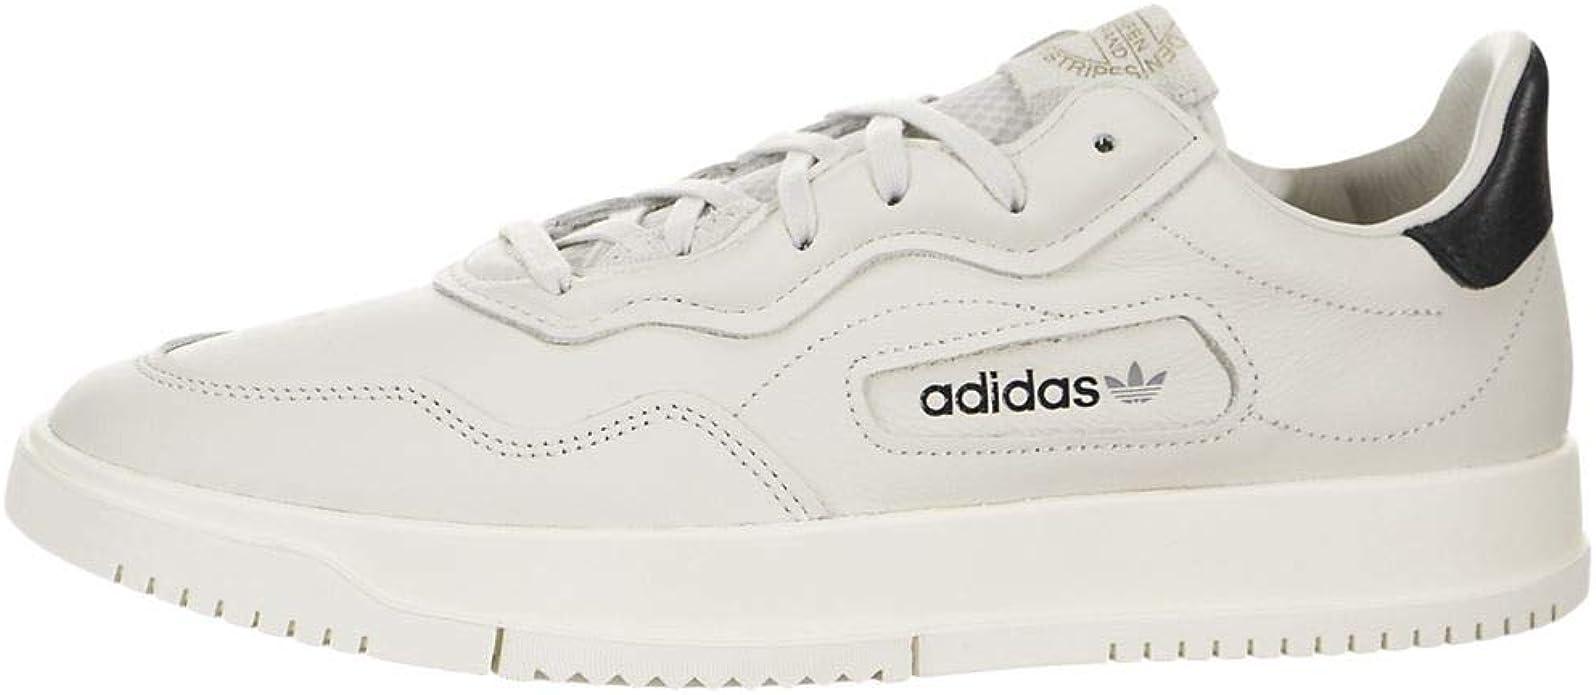 Amazon.com   adidas SC Premiere   Shoes